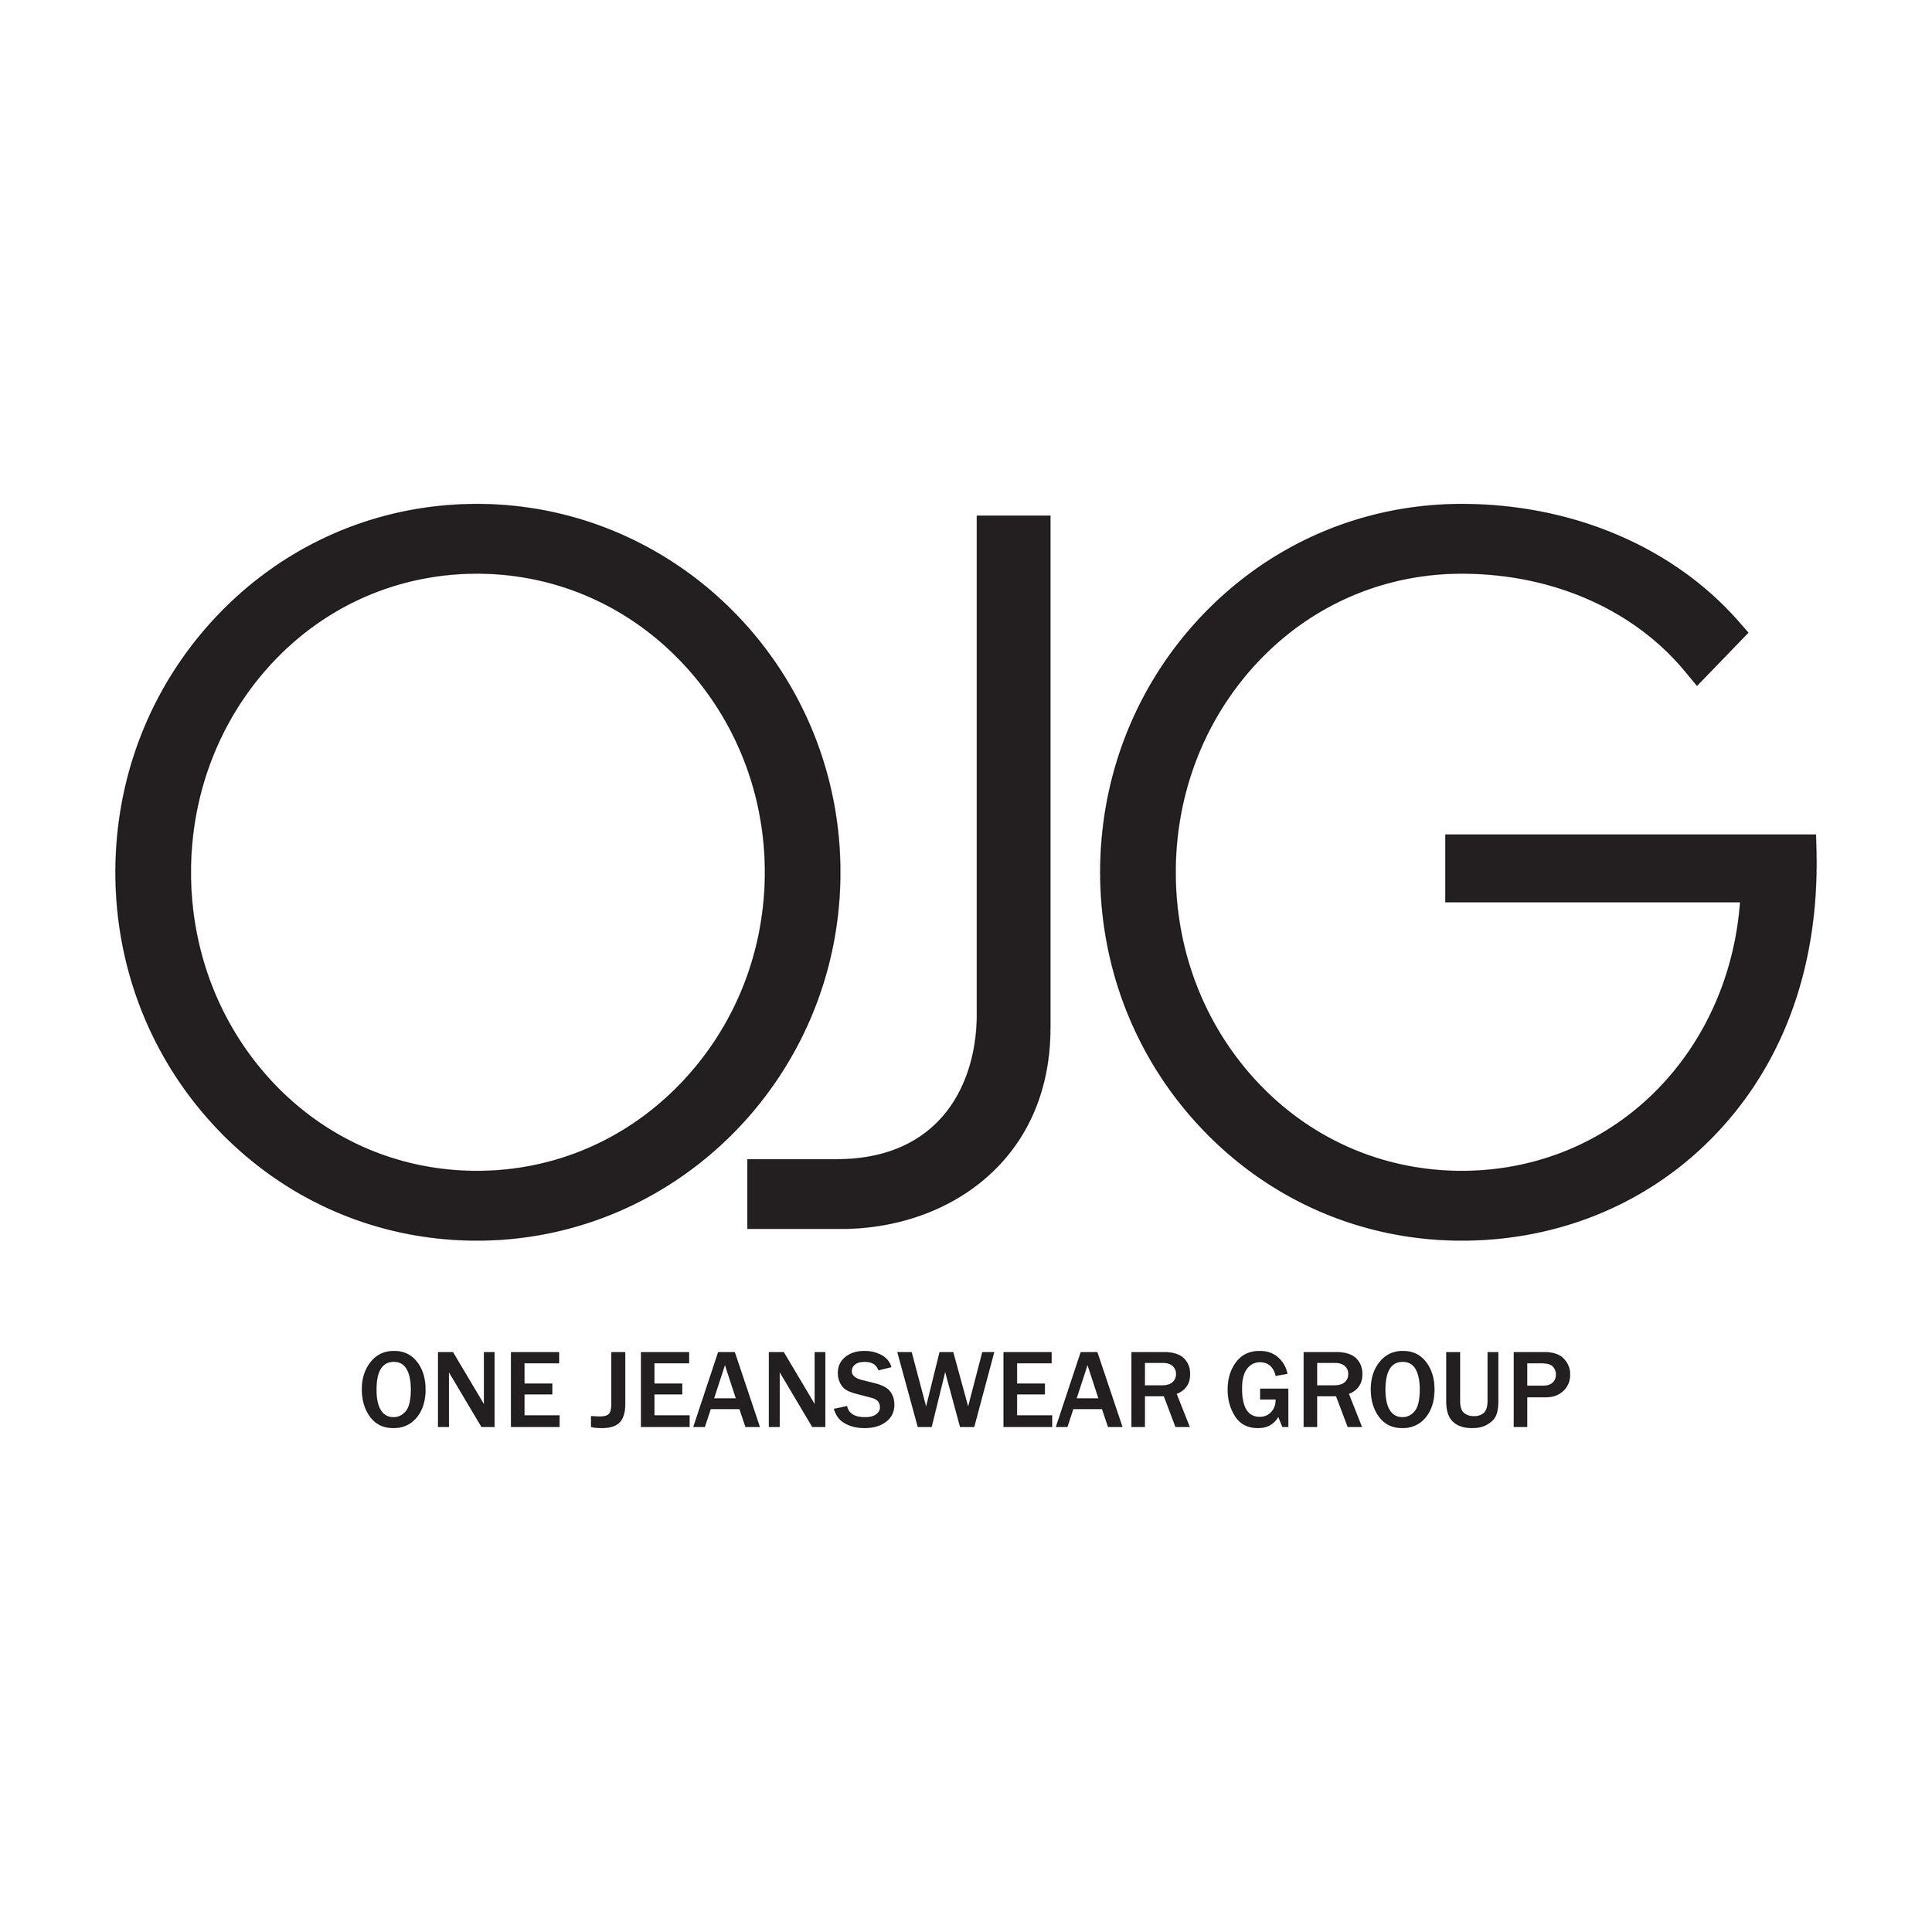 one jeanswear group-01.jpg